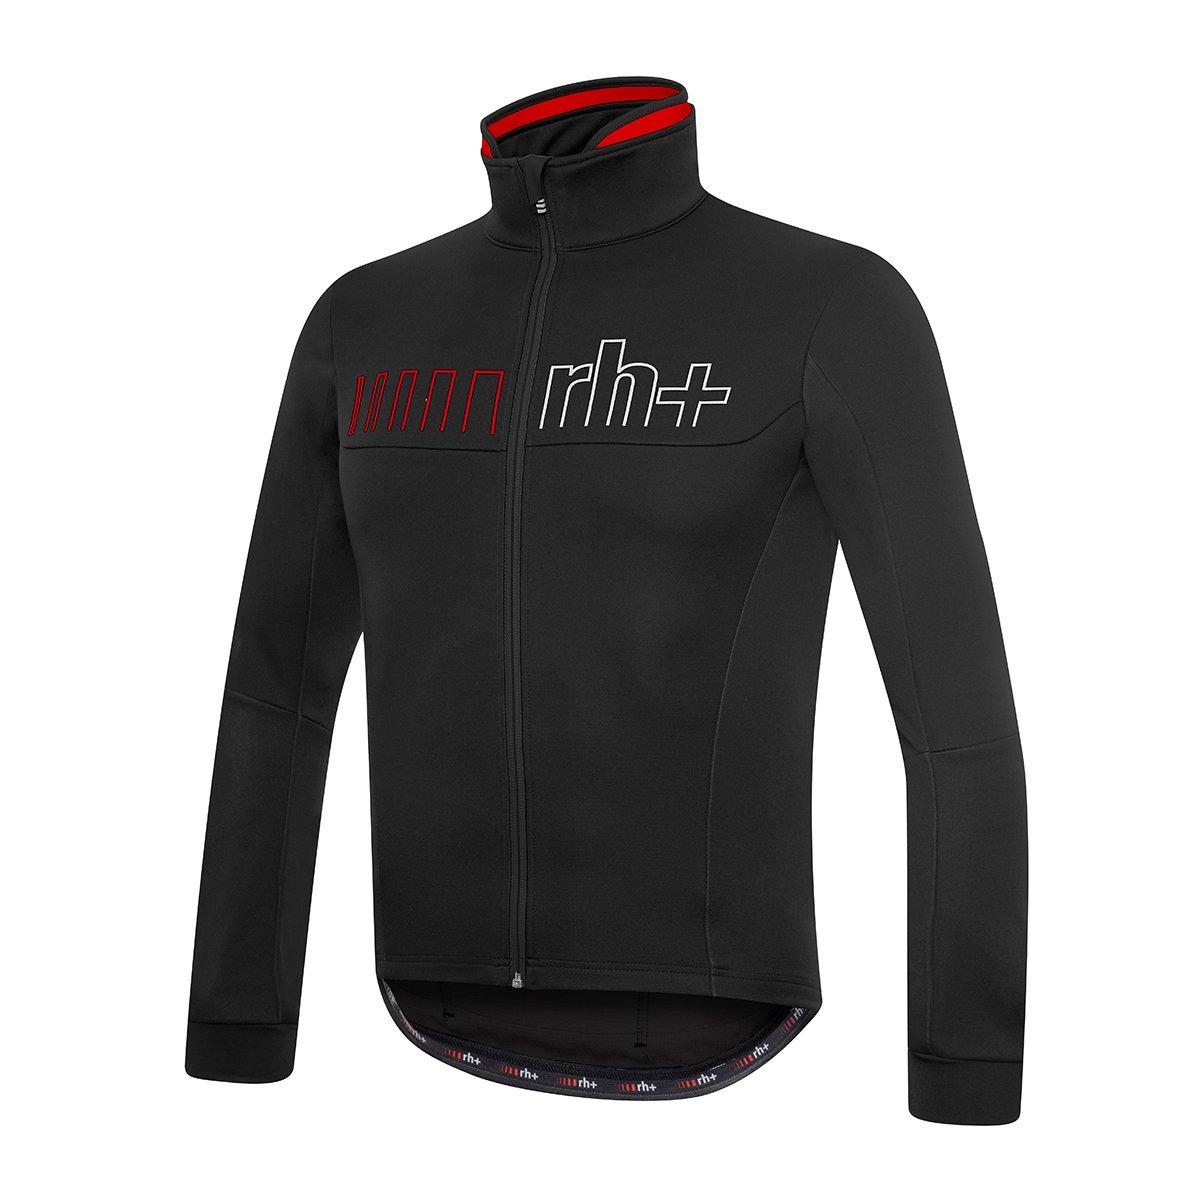 61FVHYtVWxL. SL1200  - Chubasqueros y Chaquetas Impermeables de Ciclismo para Hombre